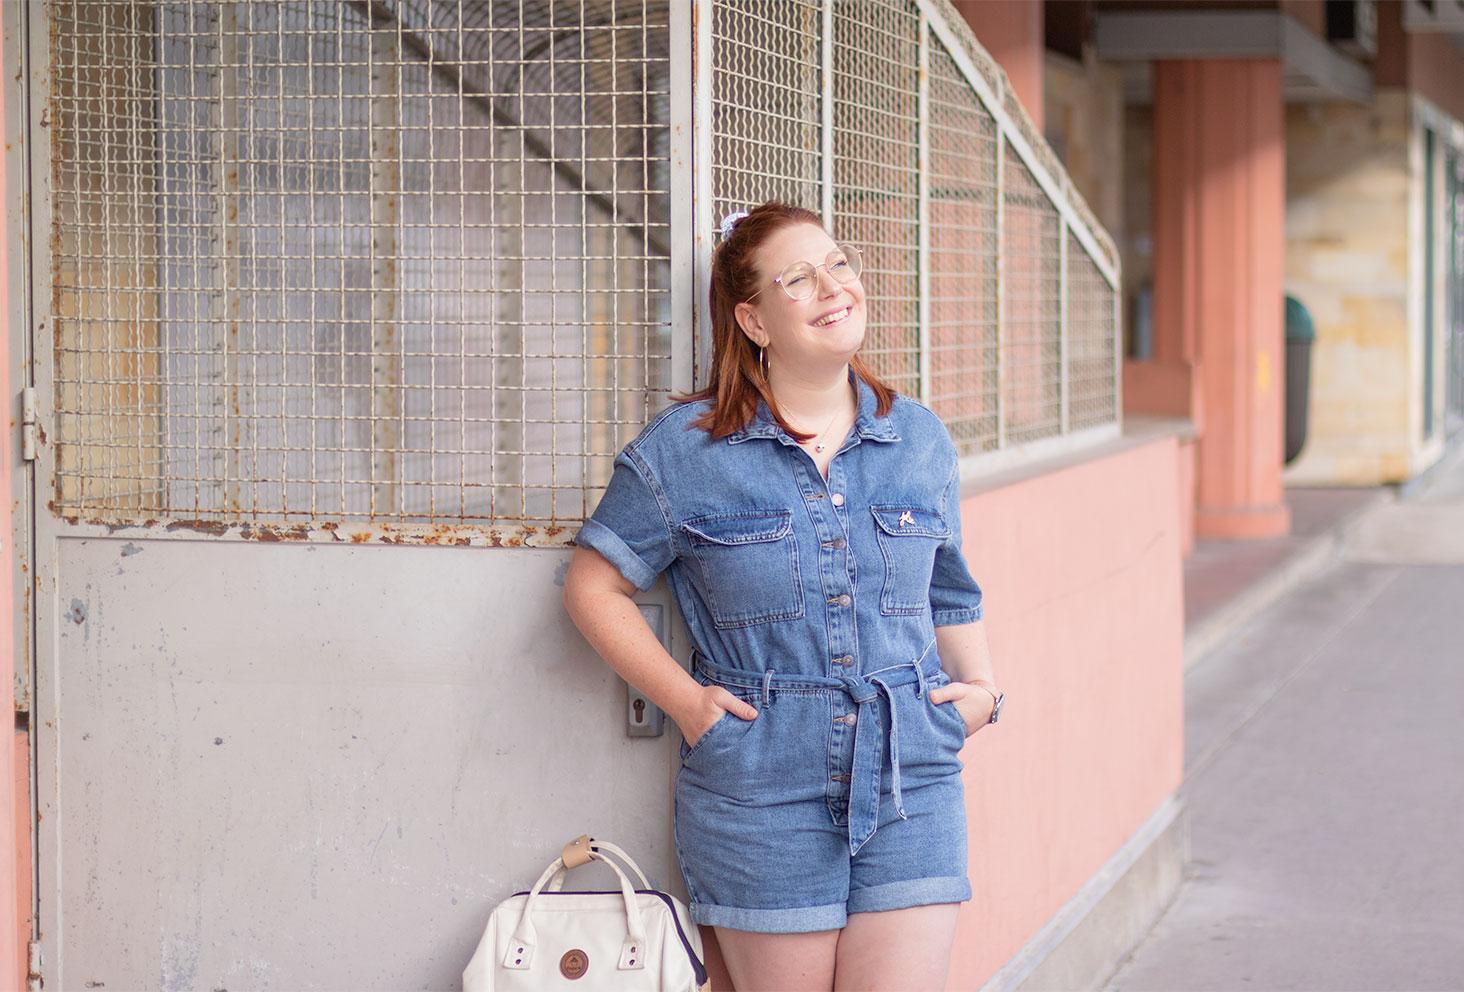 Zoom sur la combishort en jean portée, appuyée le long d'une porte grillagée, avec le sourire et les mains dans les poches